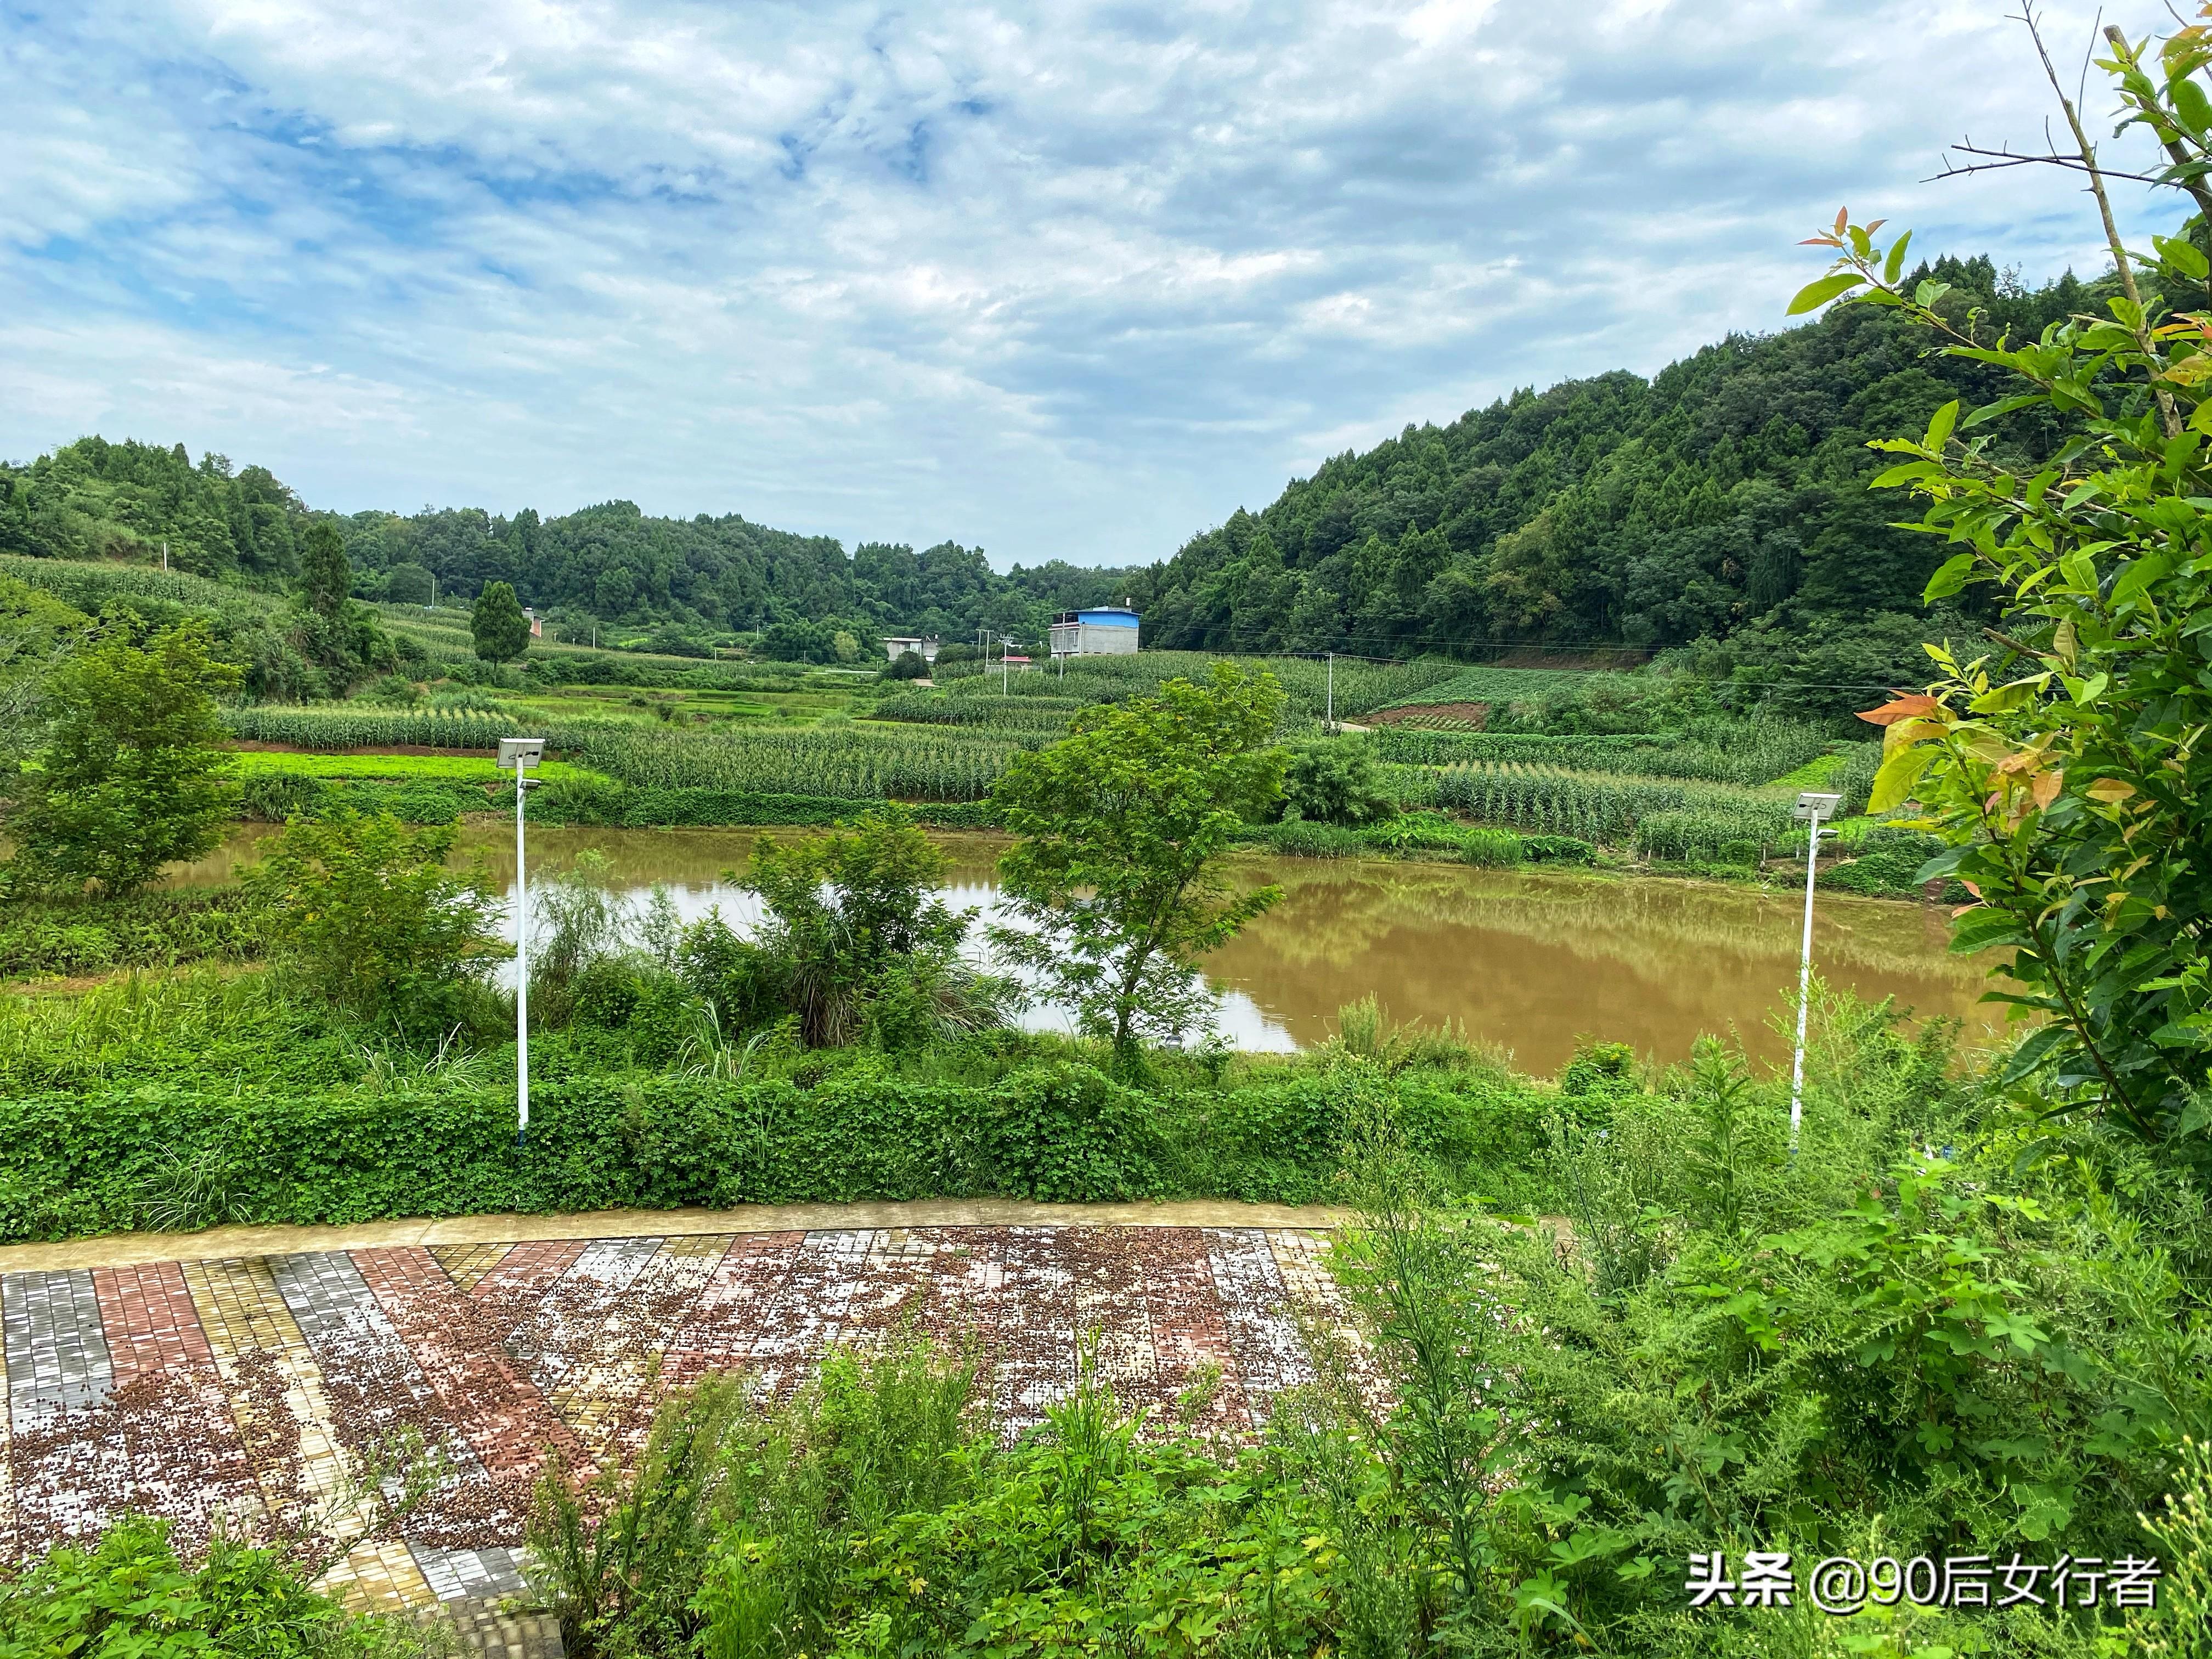 成都簡陽鄉村有座明代古塔,傳說為鎮妖塔,孤單立于荒野無人守護